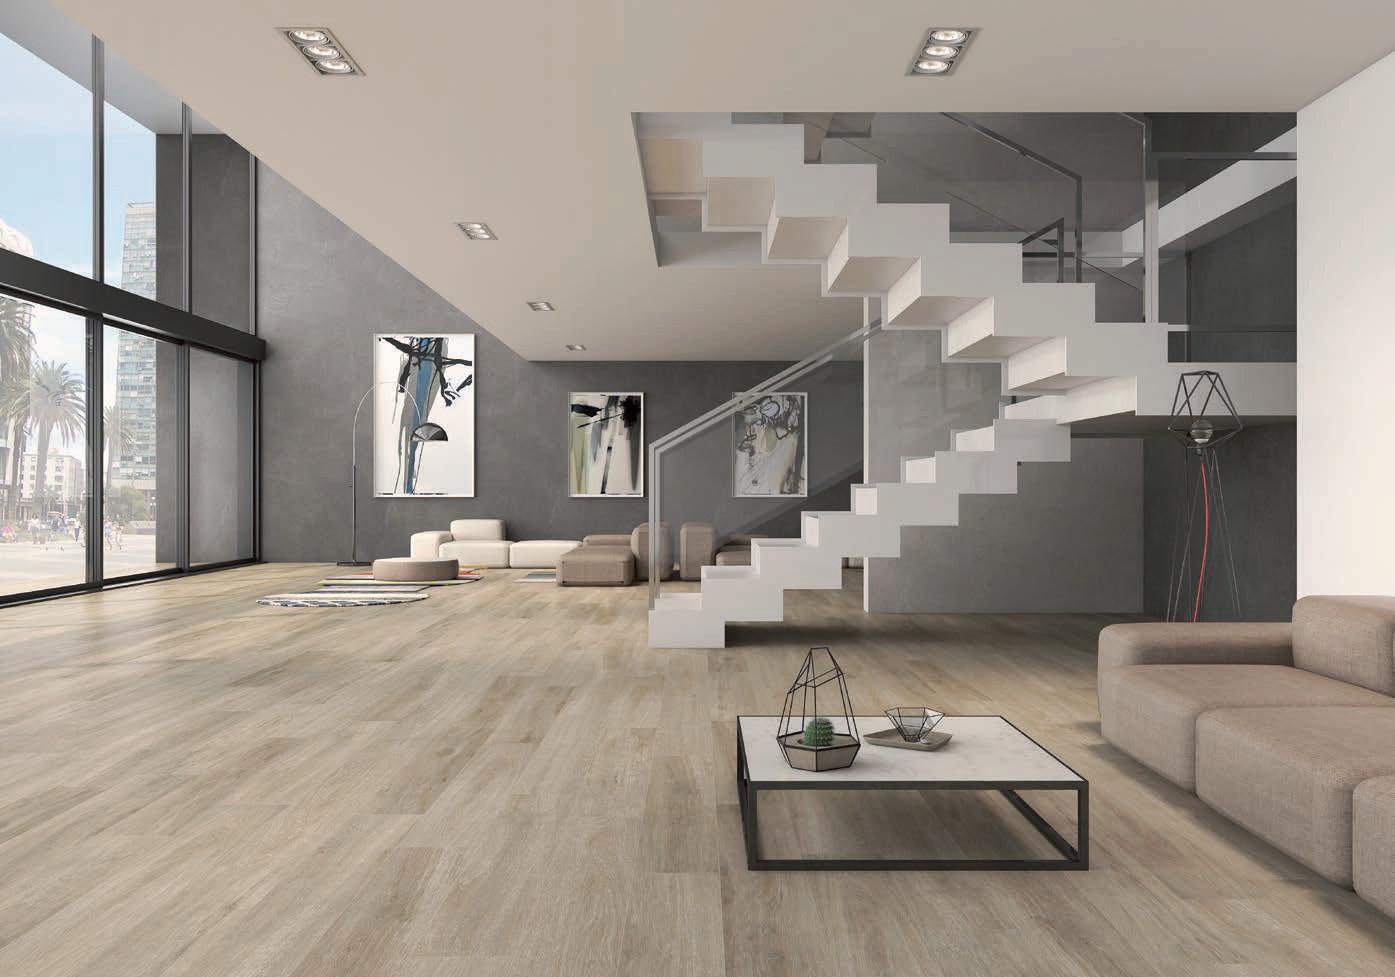 Interior design pamesa greenwich